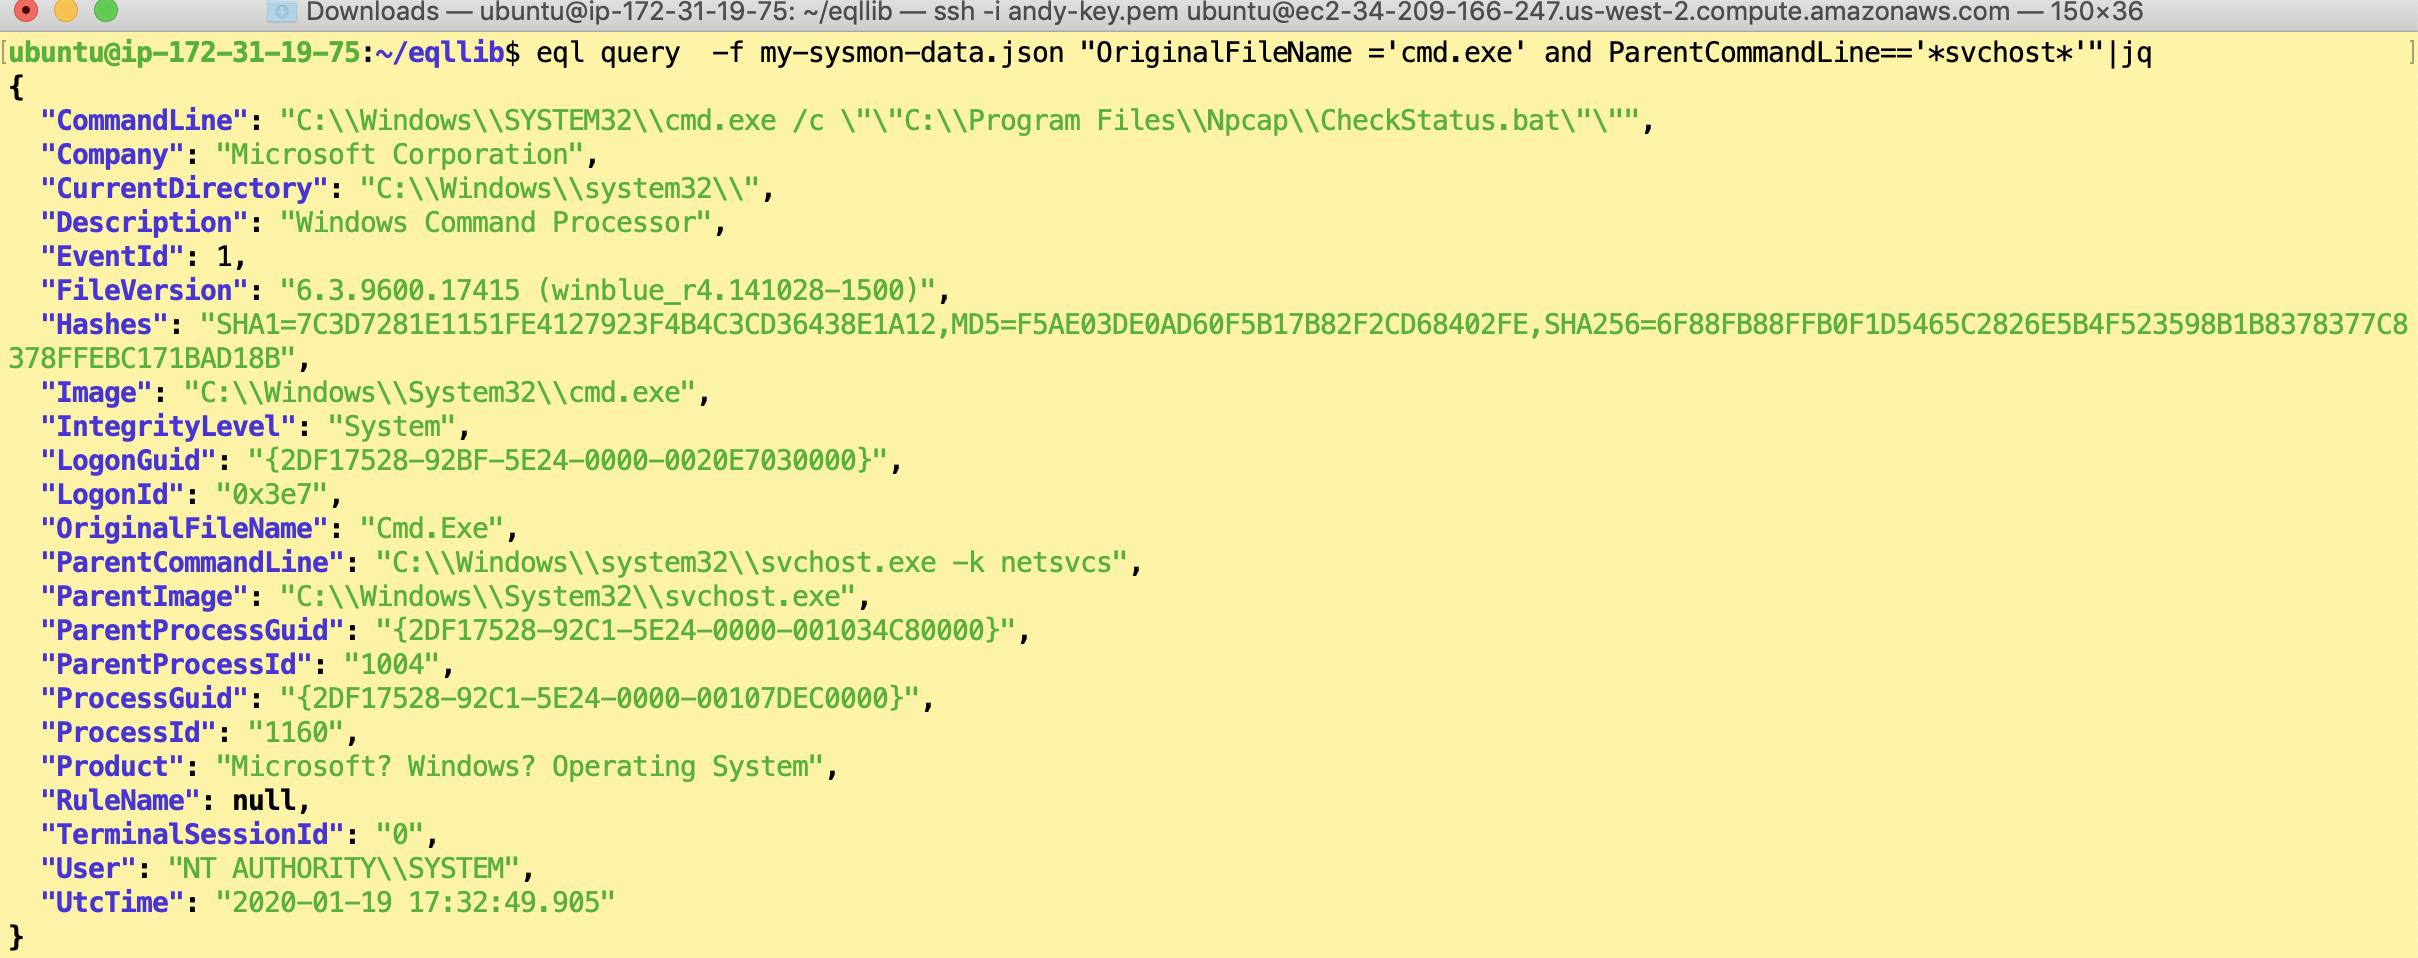 Использование EQL для поиска шеллов cmd.exe, запущенного от svchost.exe. Кстати, jq это Linux-утилита для отображения JSON данных